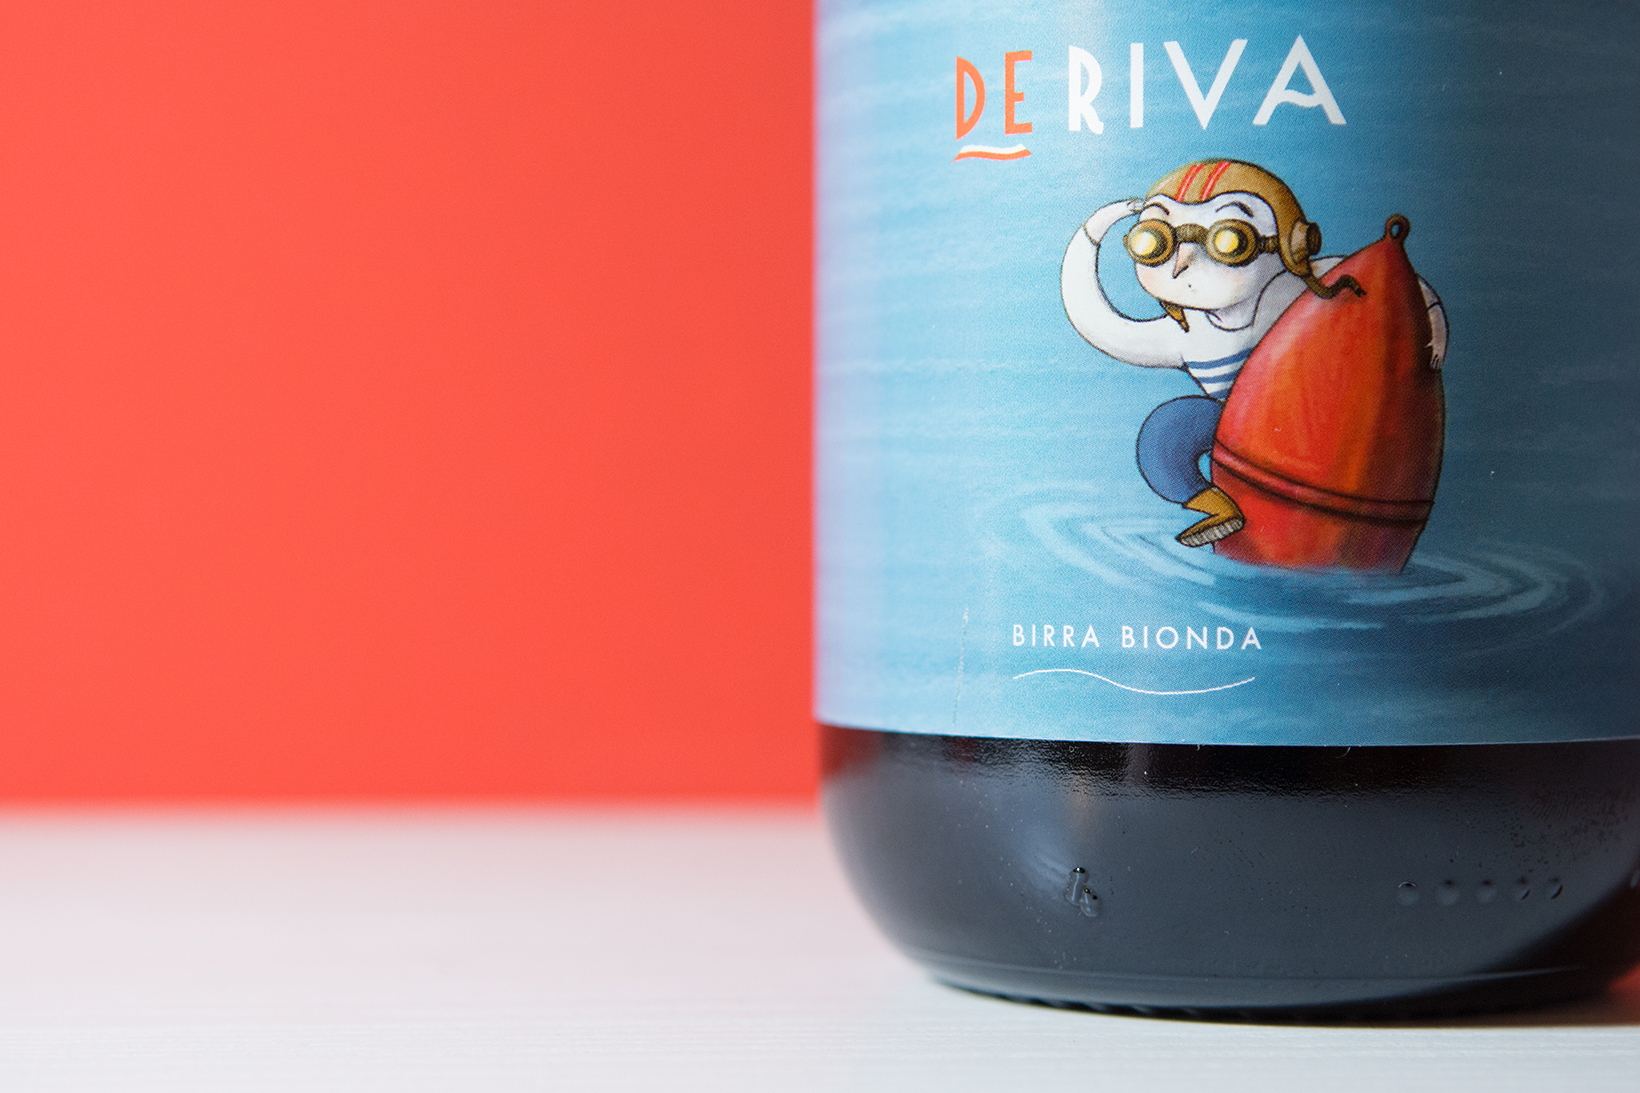 deriva_dettaglio bottiglia